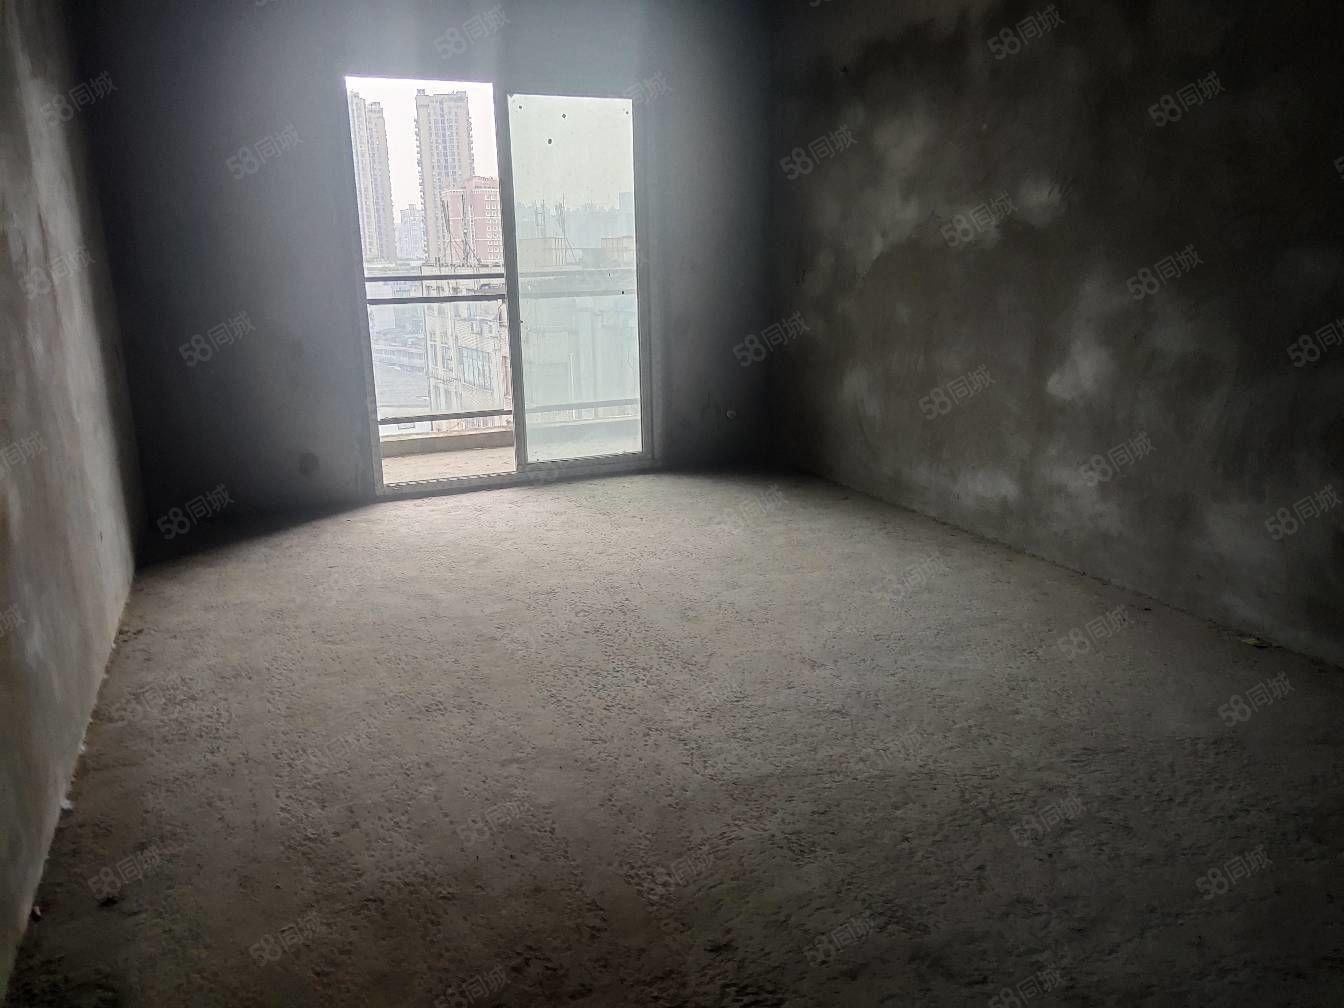 水井溝東門口電梯清水三房,唯一一套,首付低,戶型端正!城市之